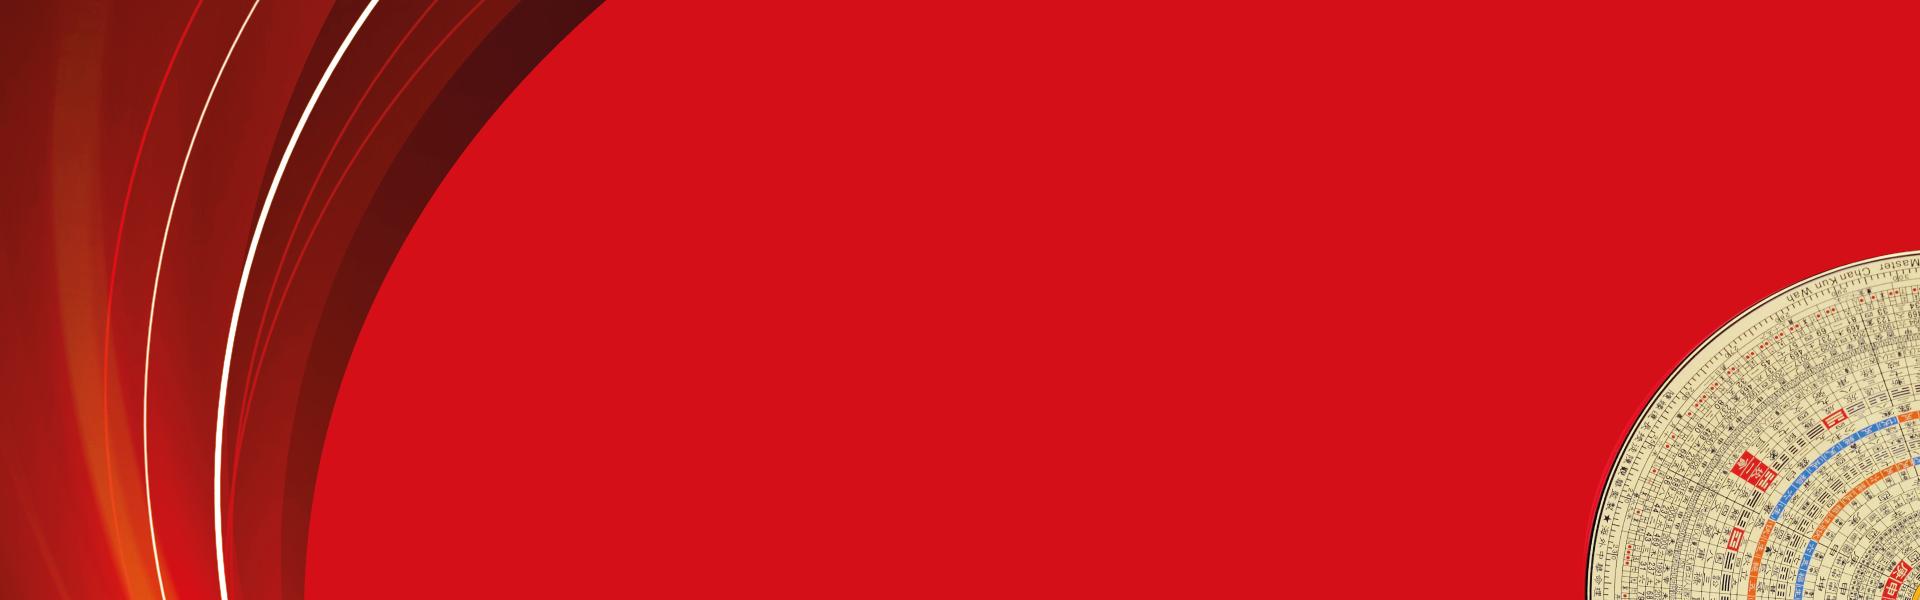 ПРОФЕСИОНАЛНО ОБУЧЕНИЕ ПО ФЪН ШУЙ – YIN YANG FENG SHUI SCHOOL, CHUE STYLE ROMA